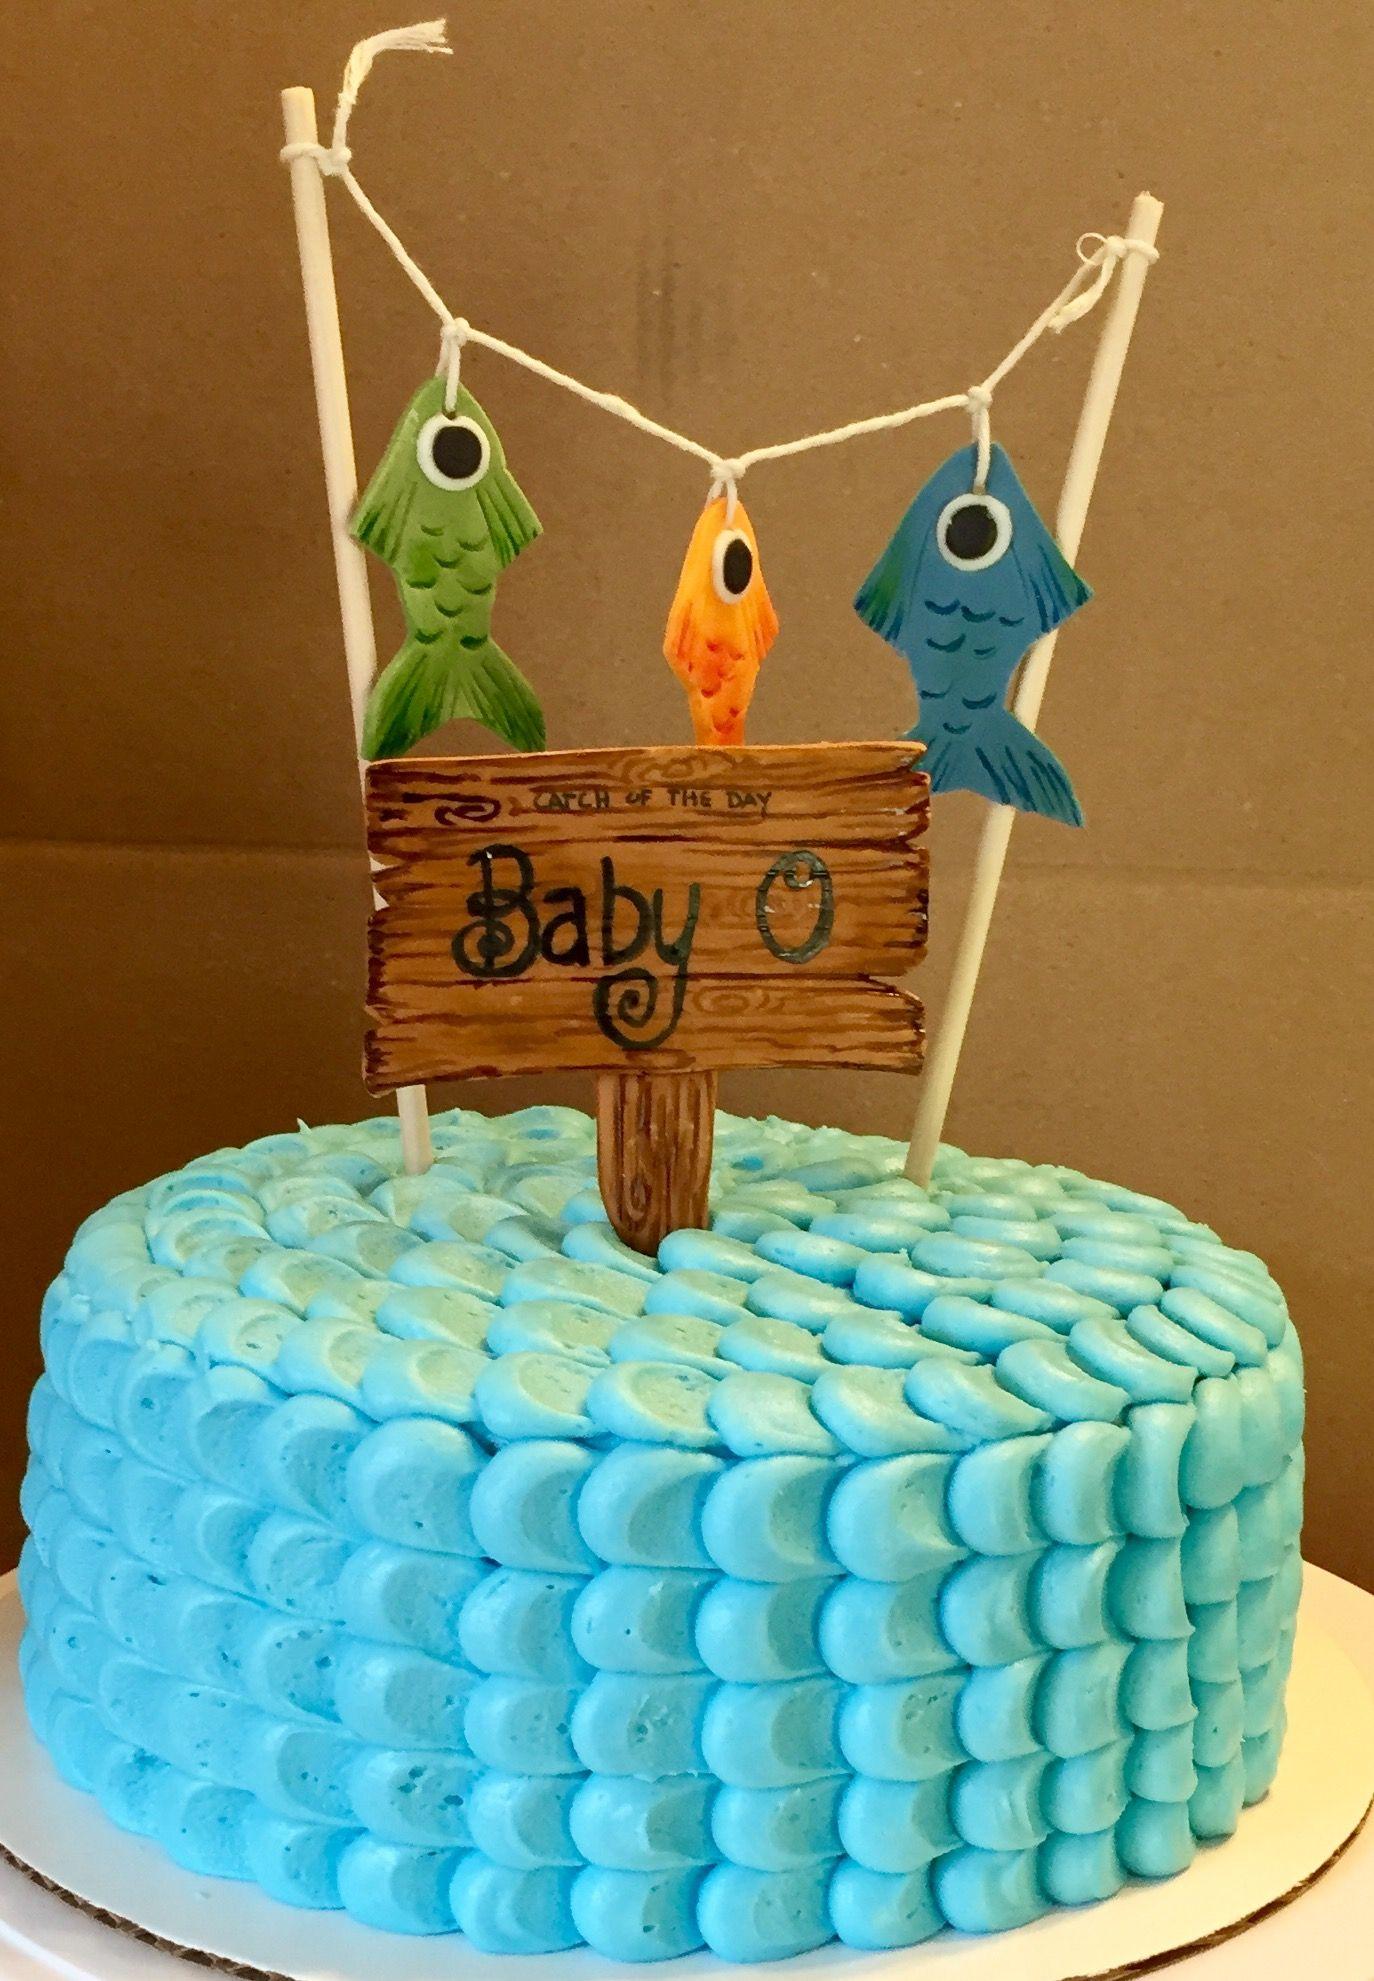 Fishing Themed Baby Shower Cake #cakedecorating #fishingcake #babyshower